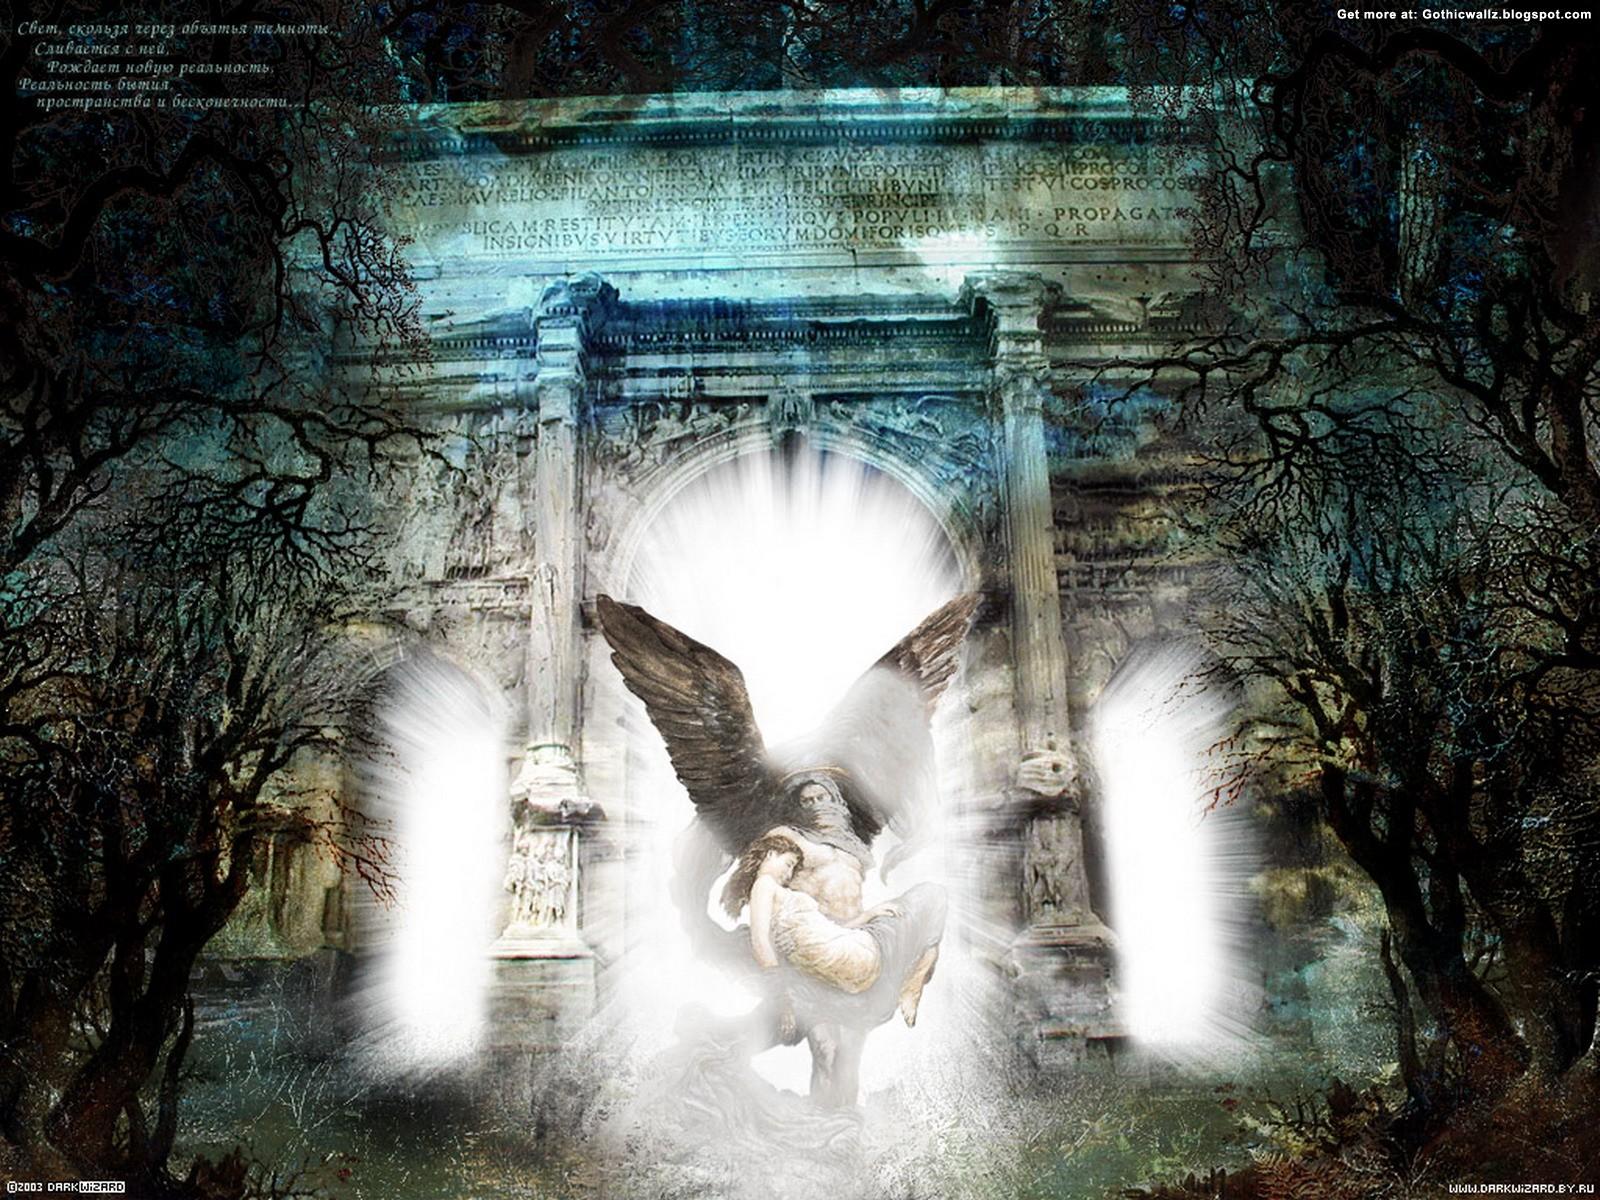 http://4.bp.blogspot.com/_-jo2ZCYhKaY/TLDytrjjBMI/AAAAAAAAIT8/2z03yGZK93s/s1600/Goth-Angel+(gothicwallz.blogspot.com).jpg